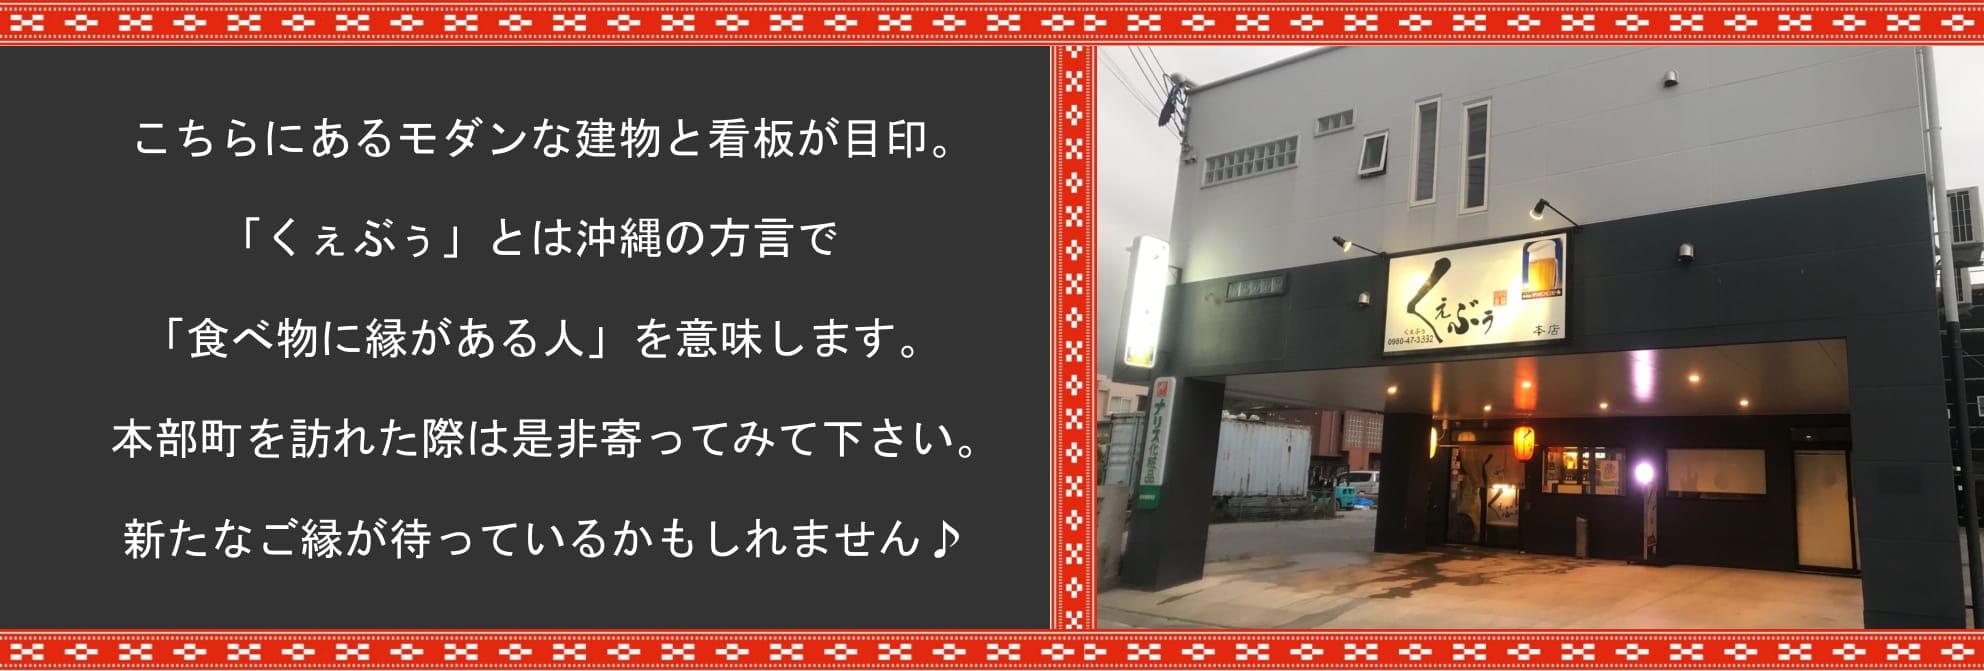 【居酒屋くぇぶぅ】沖縄県本部町|美ら海水族館より車で約10分。地元で大人気の居酒屋です!